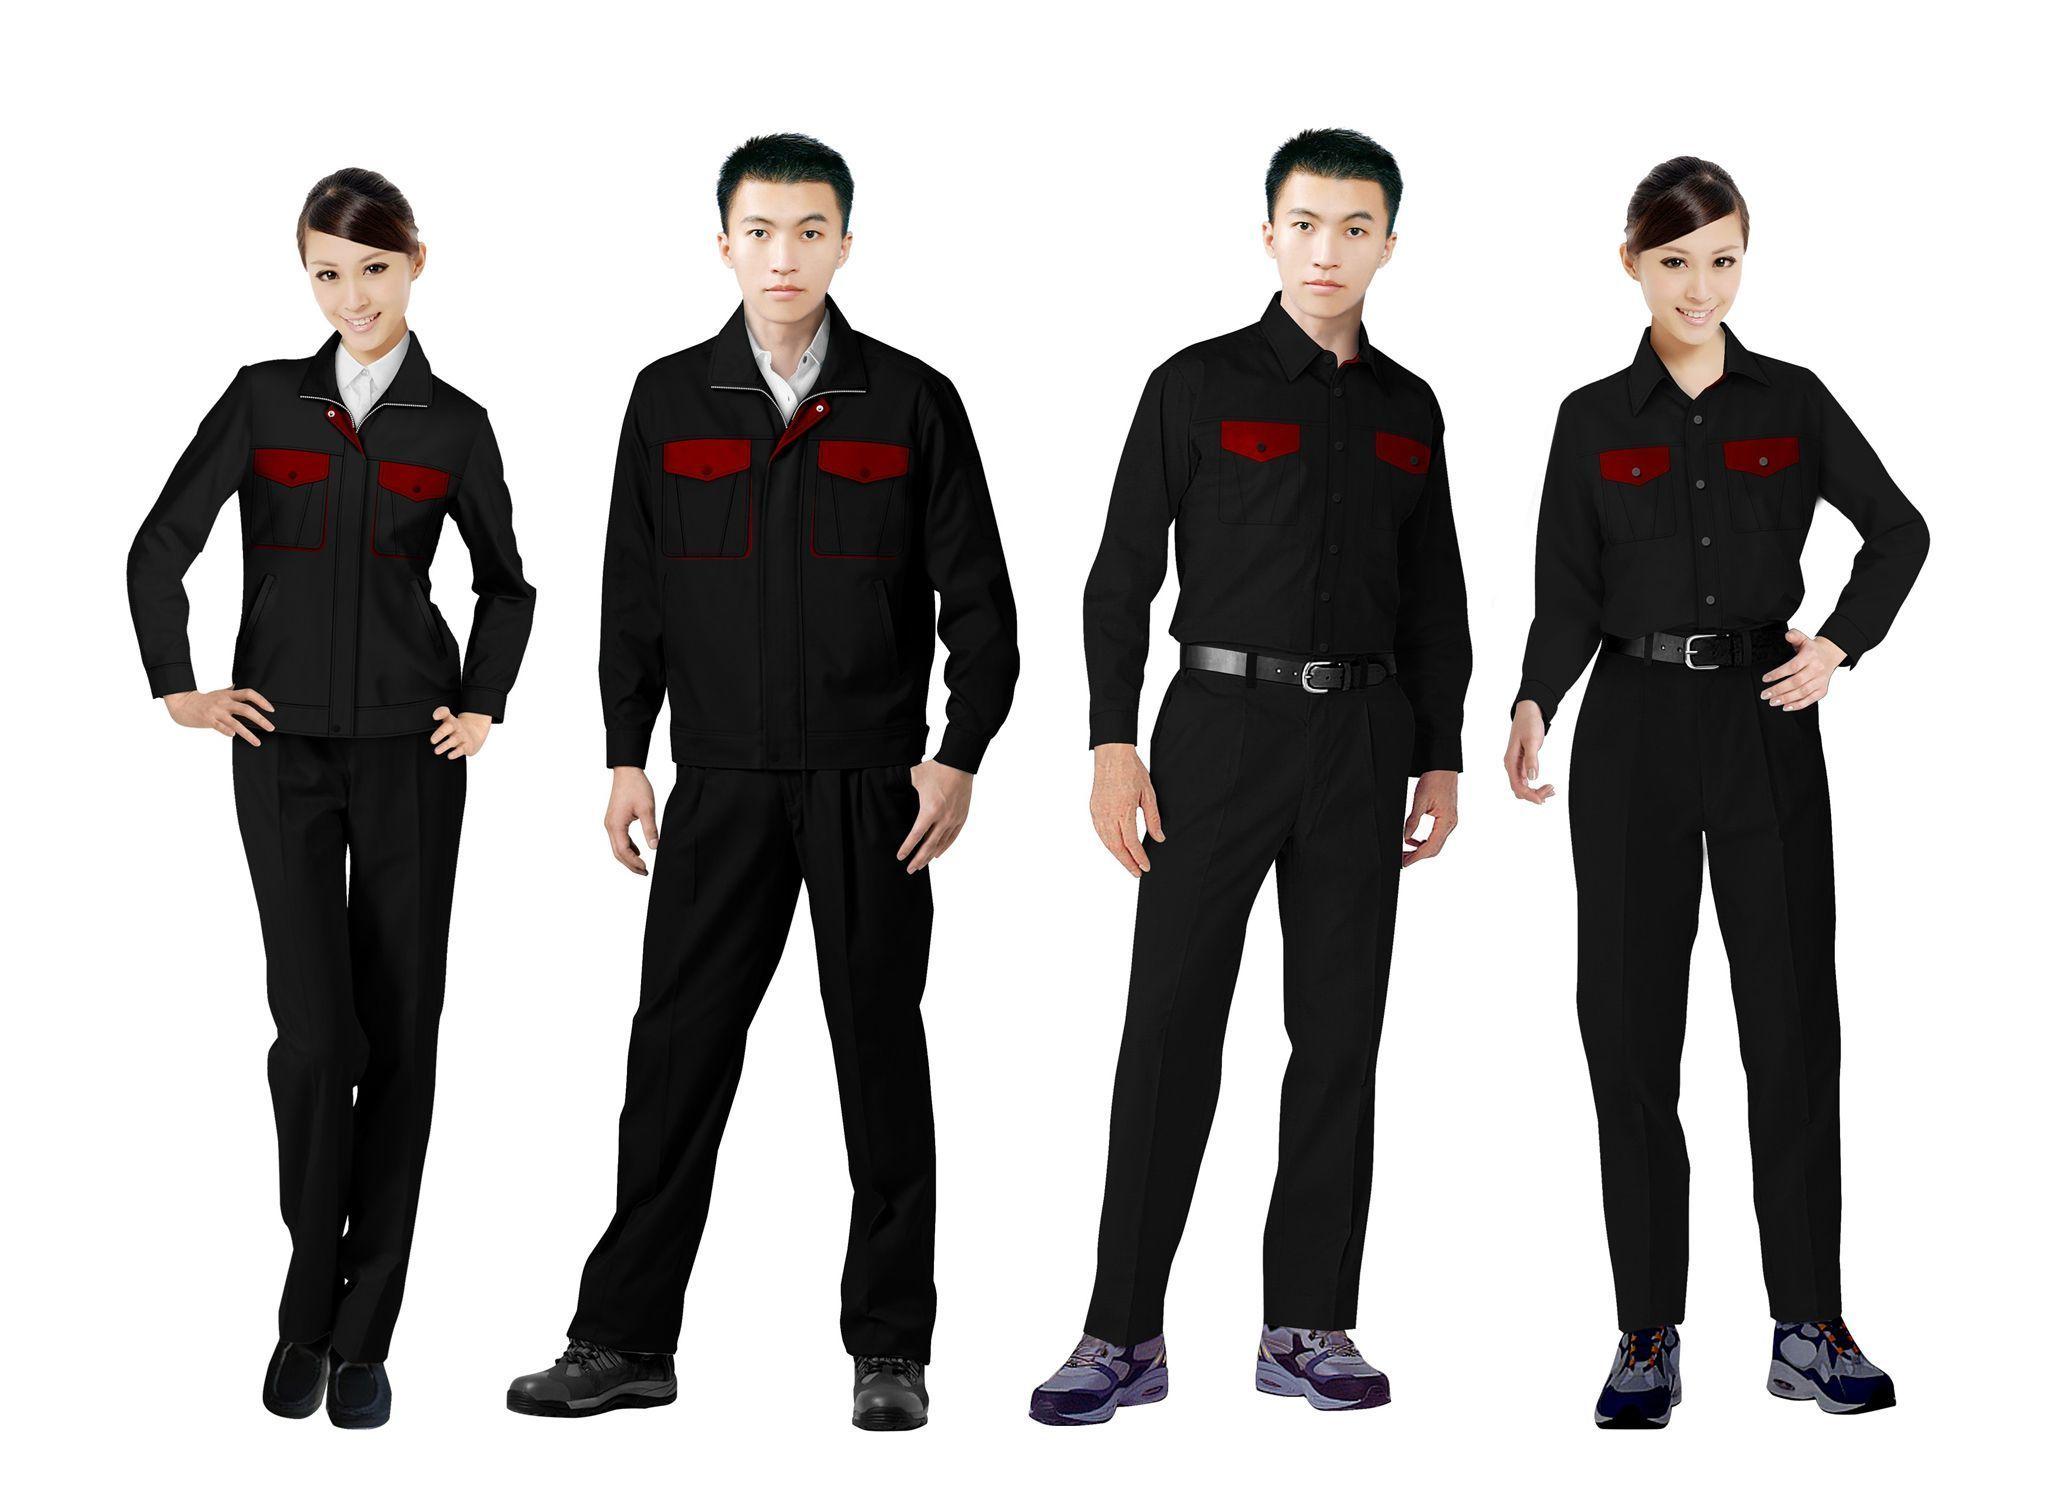 工作服设计图系列方案06